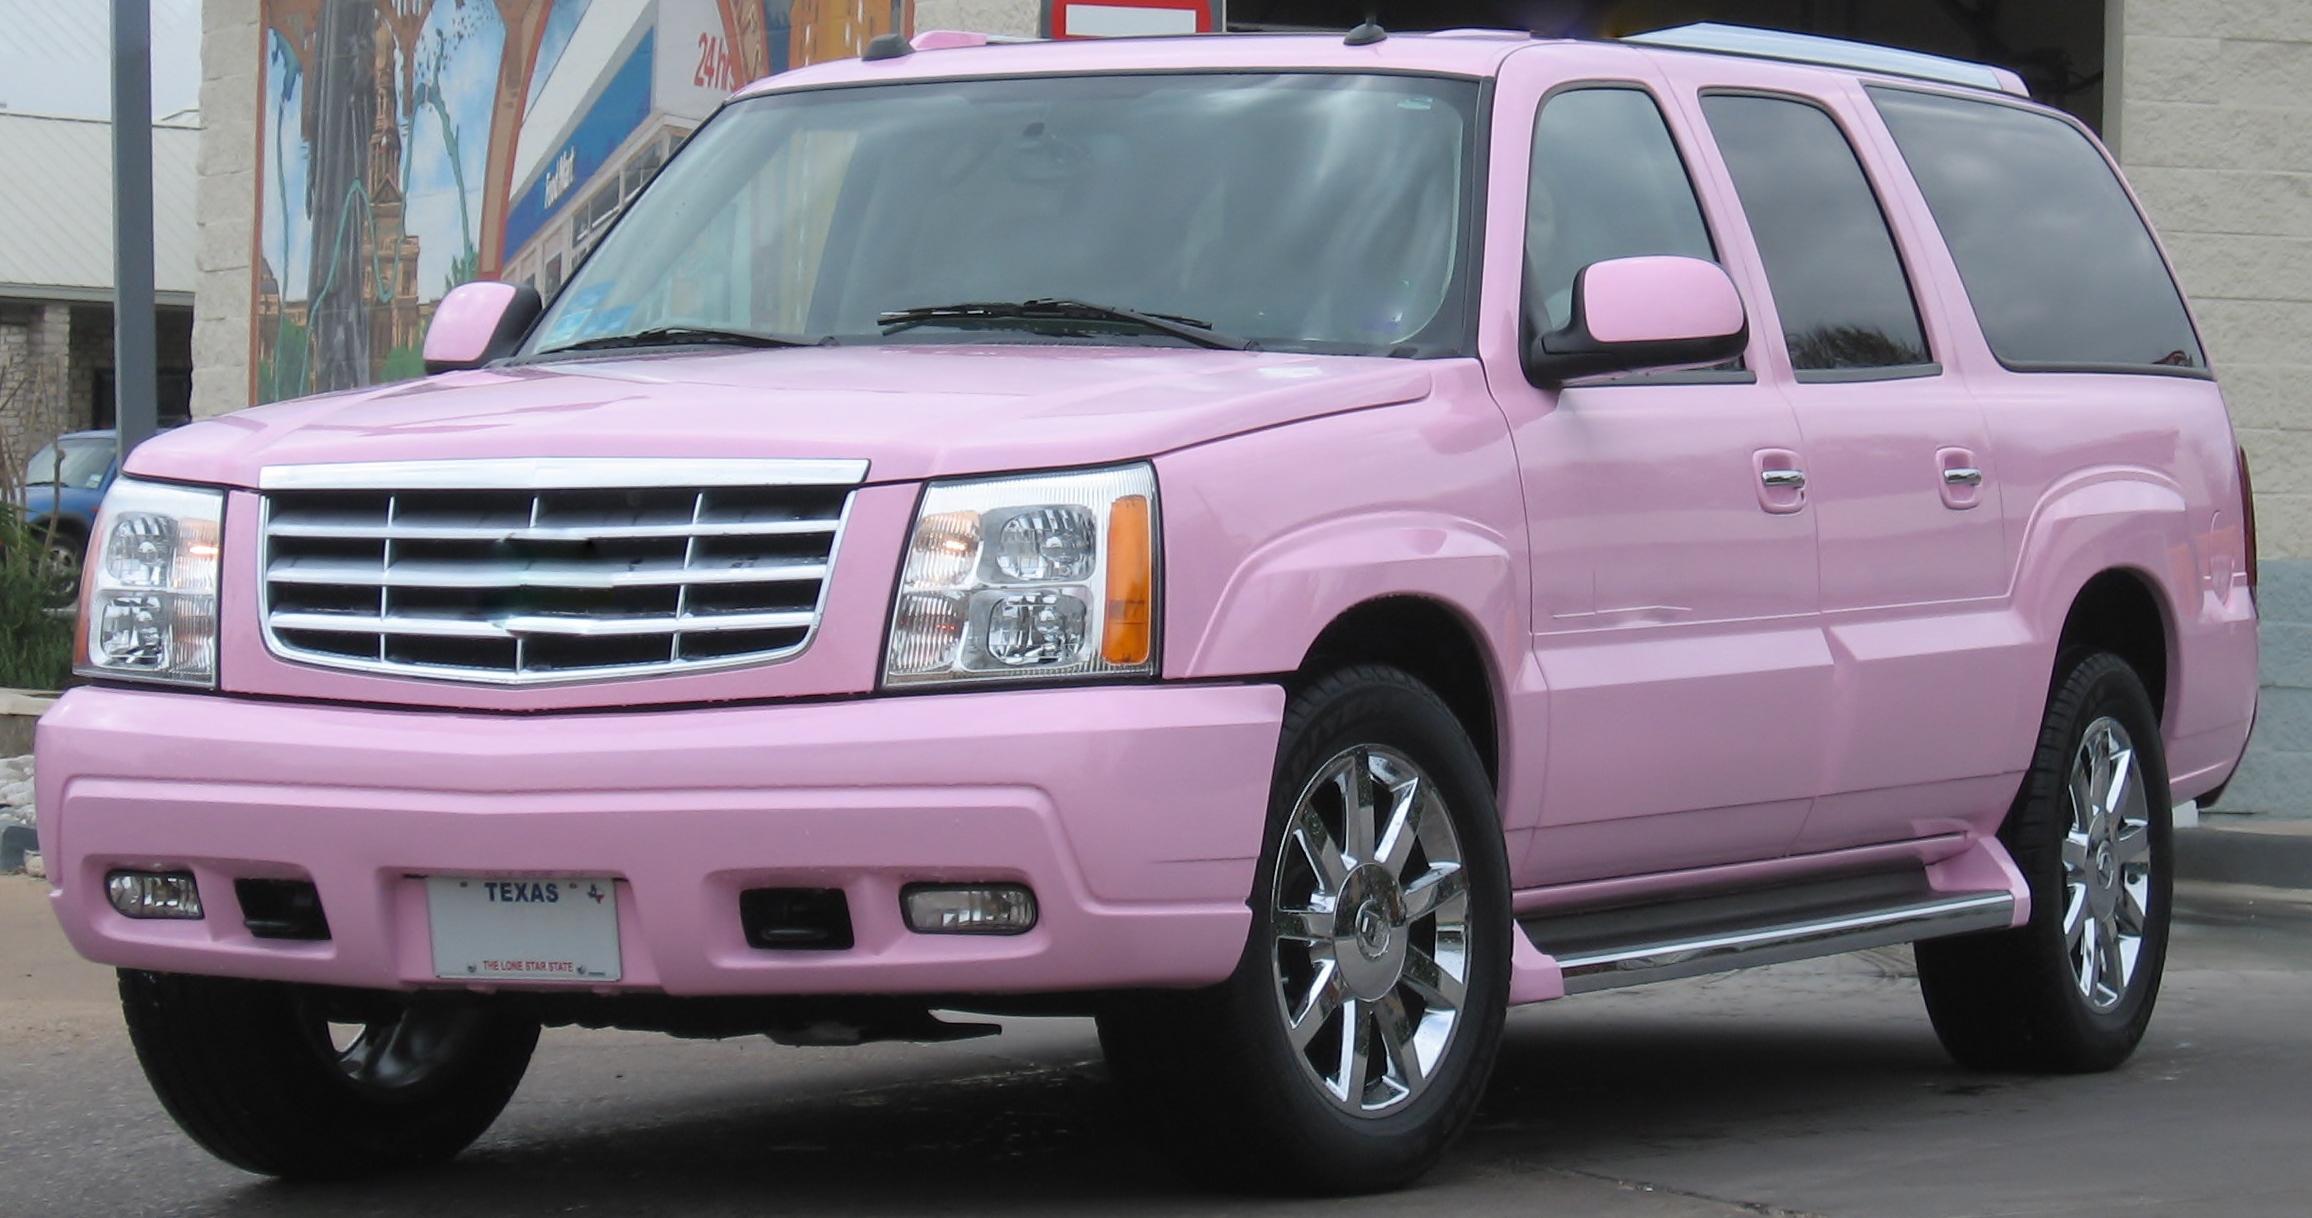 Pinkscalade